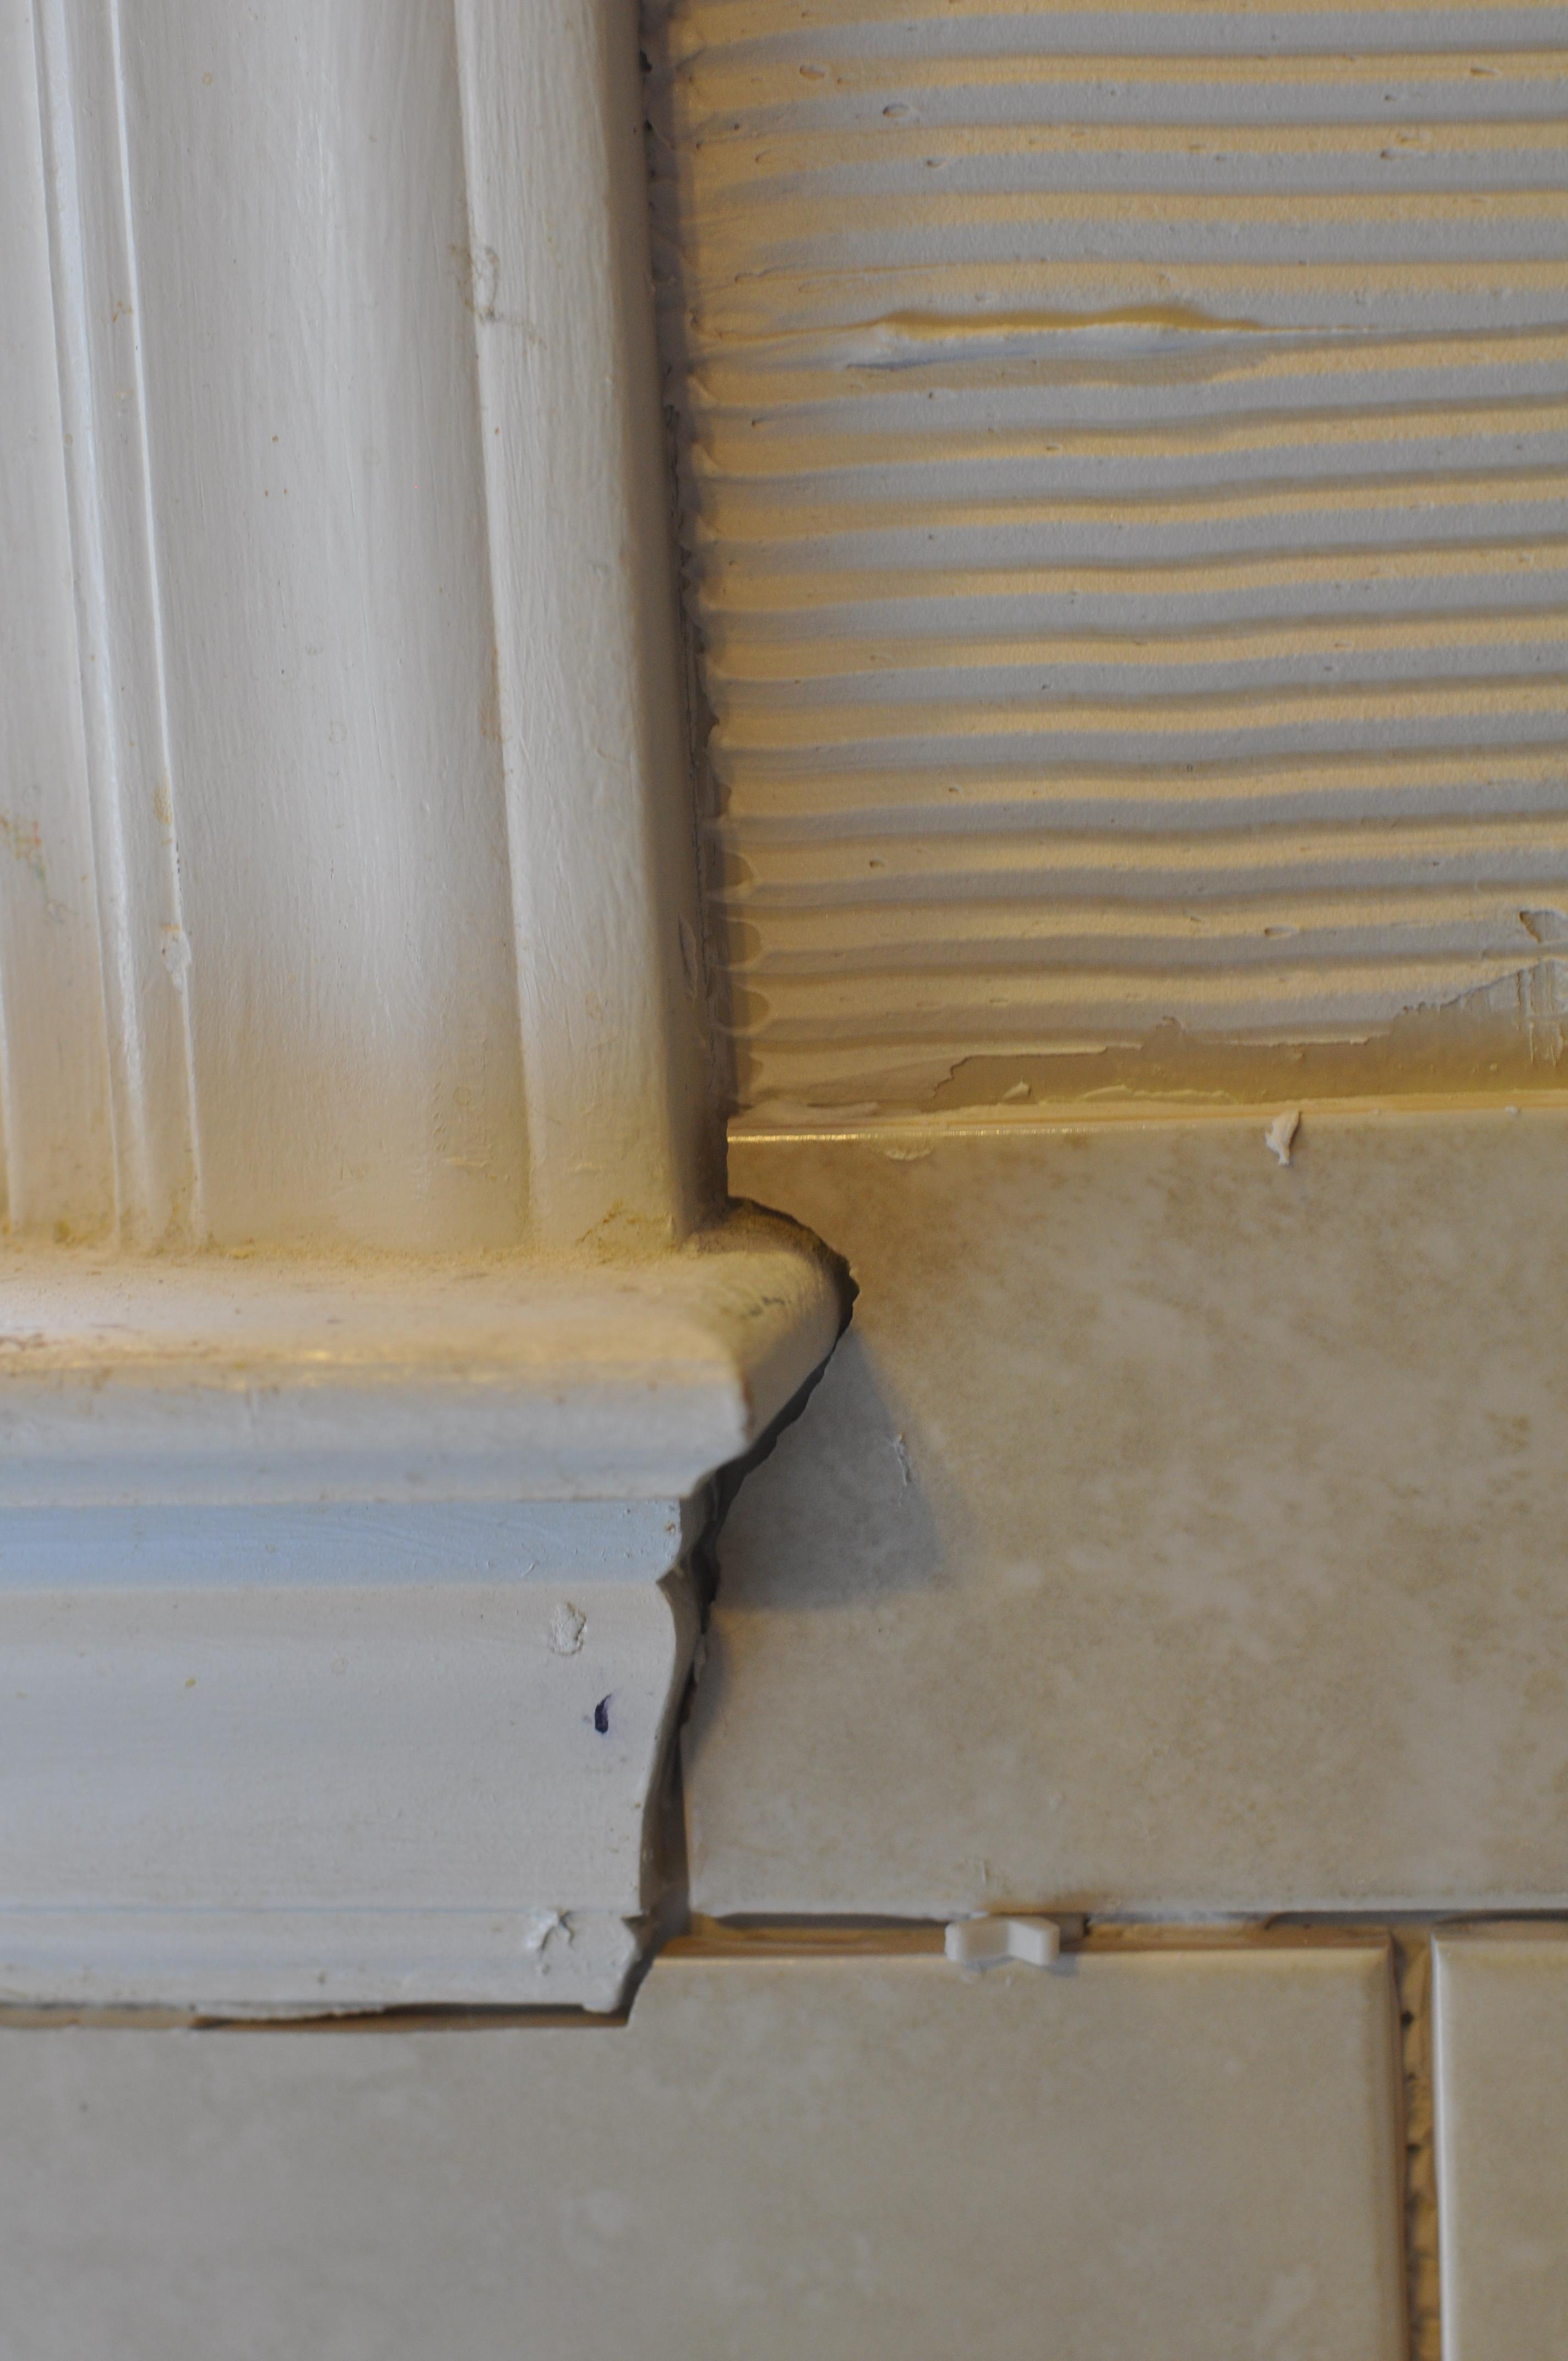 Laying Backsplash Tiles